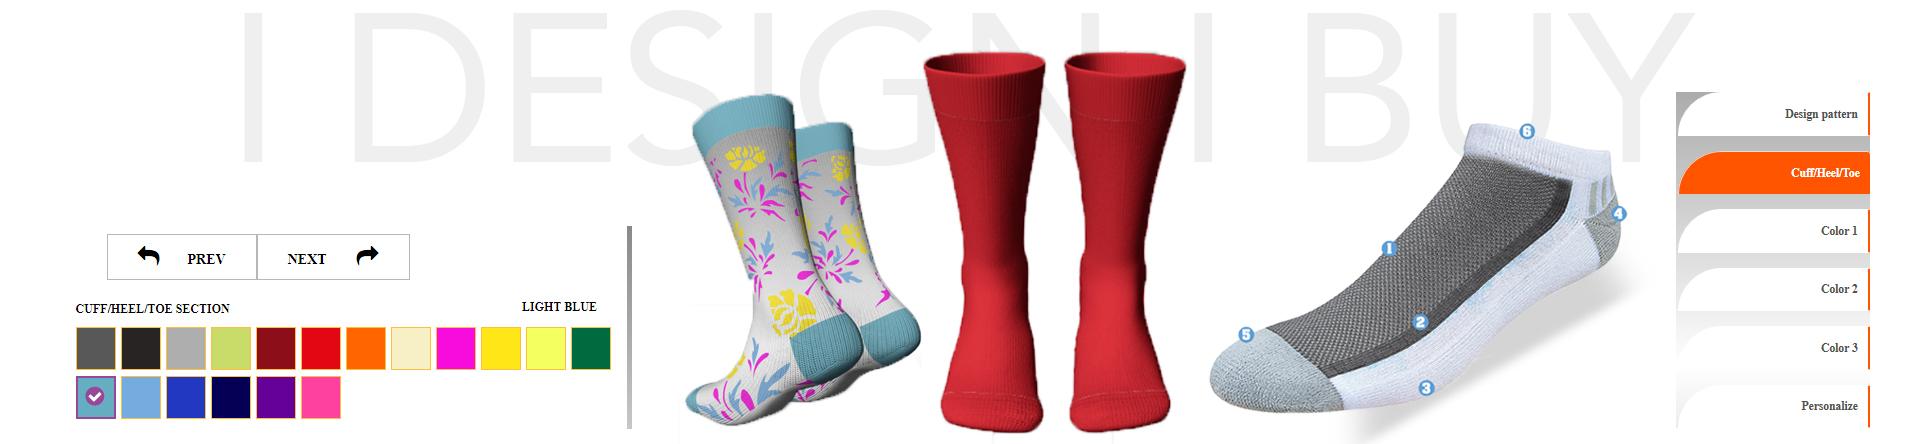 socks-customization-software